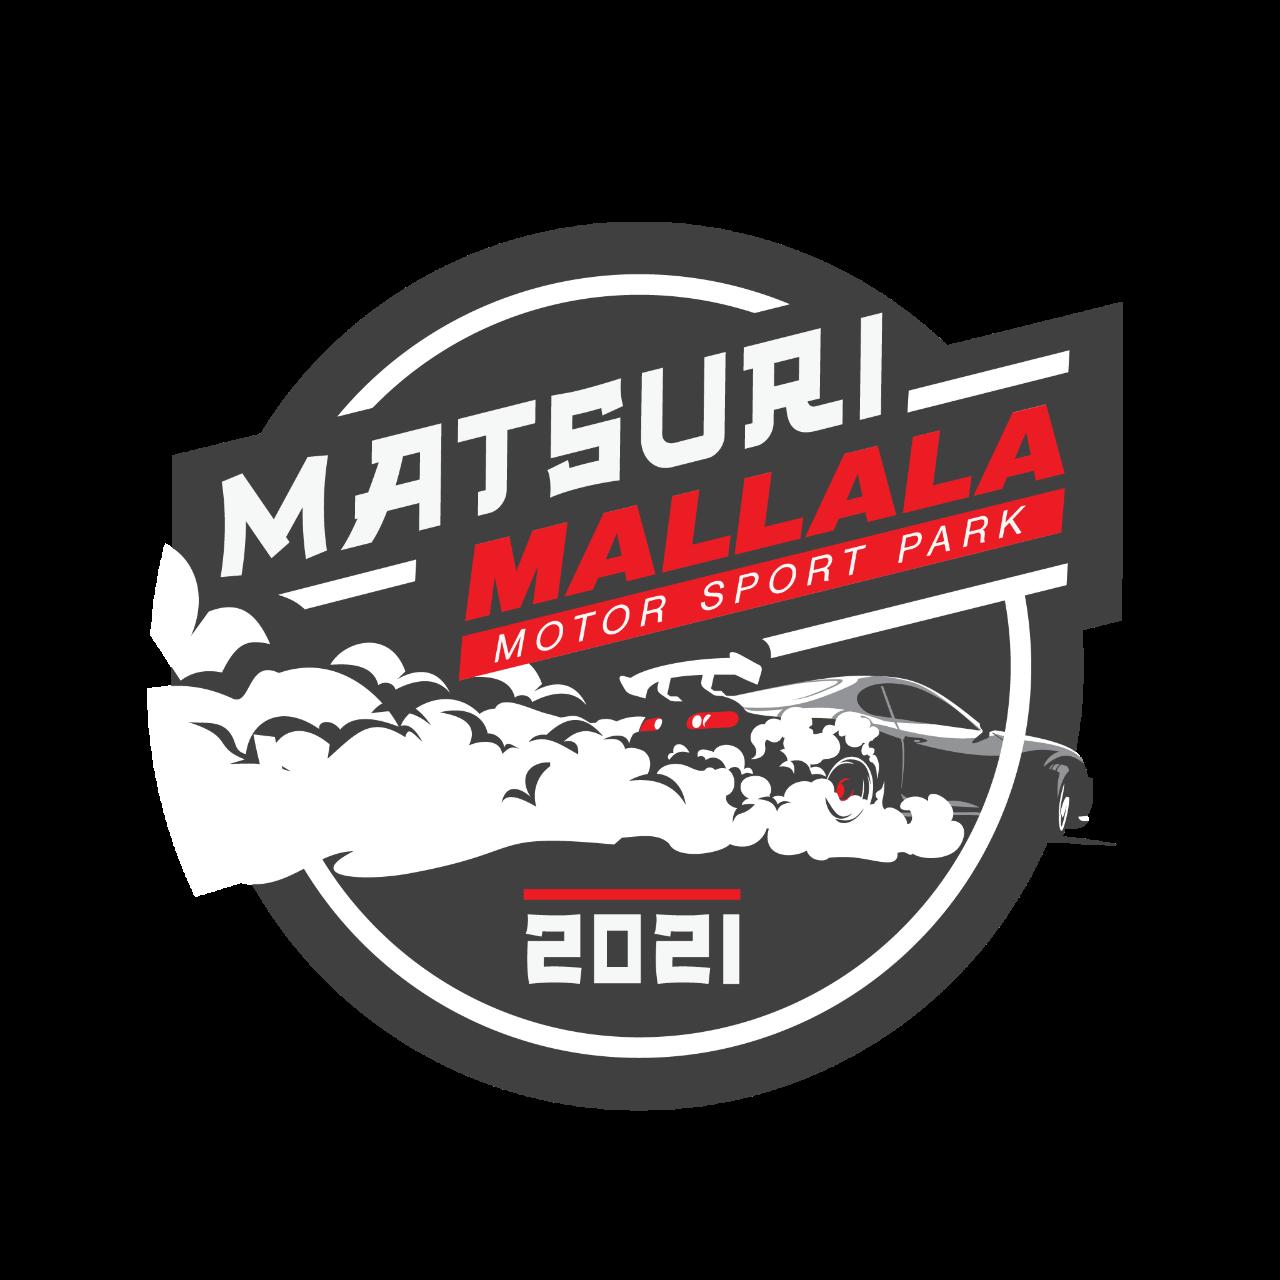 Matsuri Official Entry Form